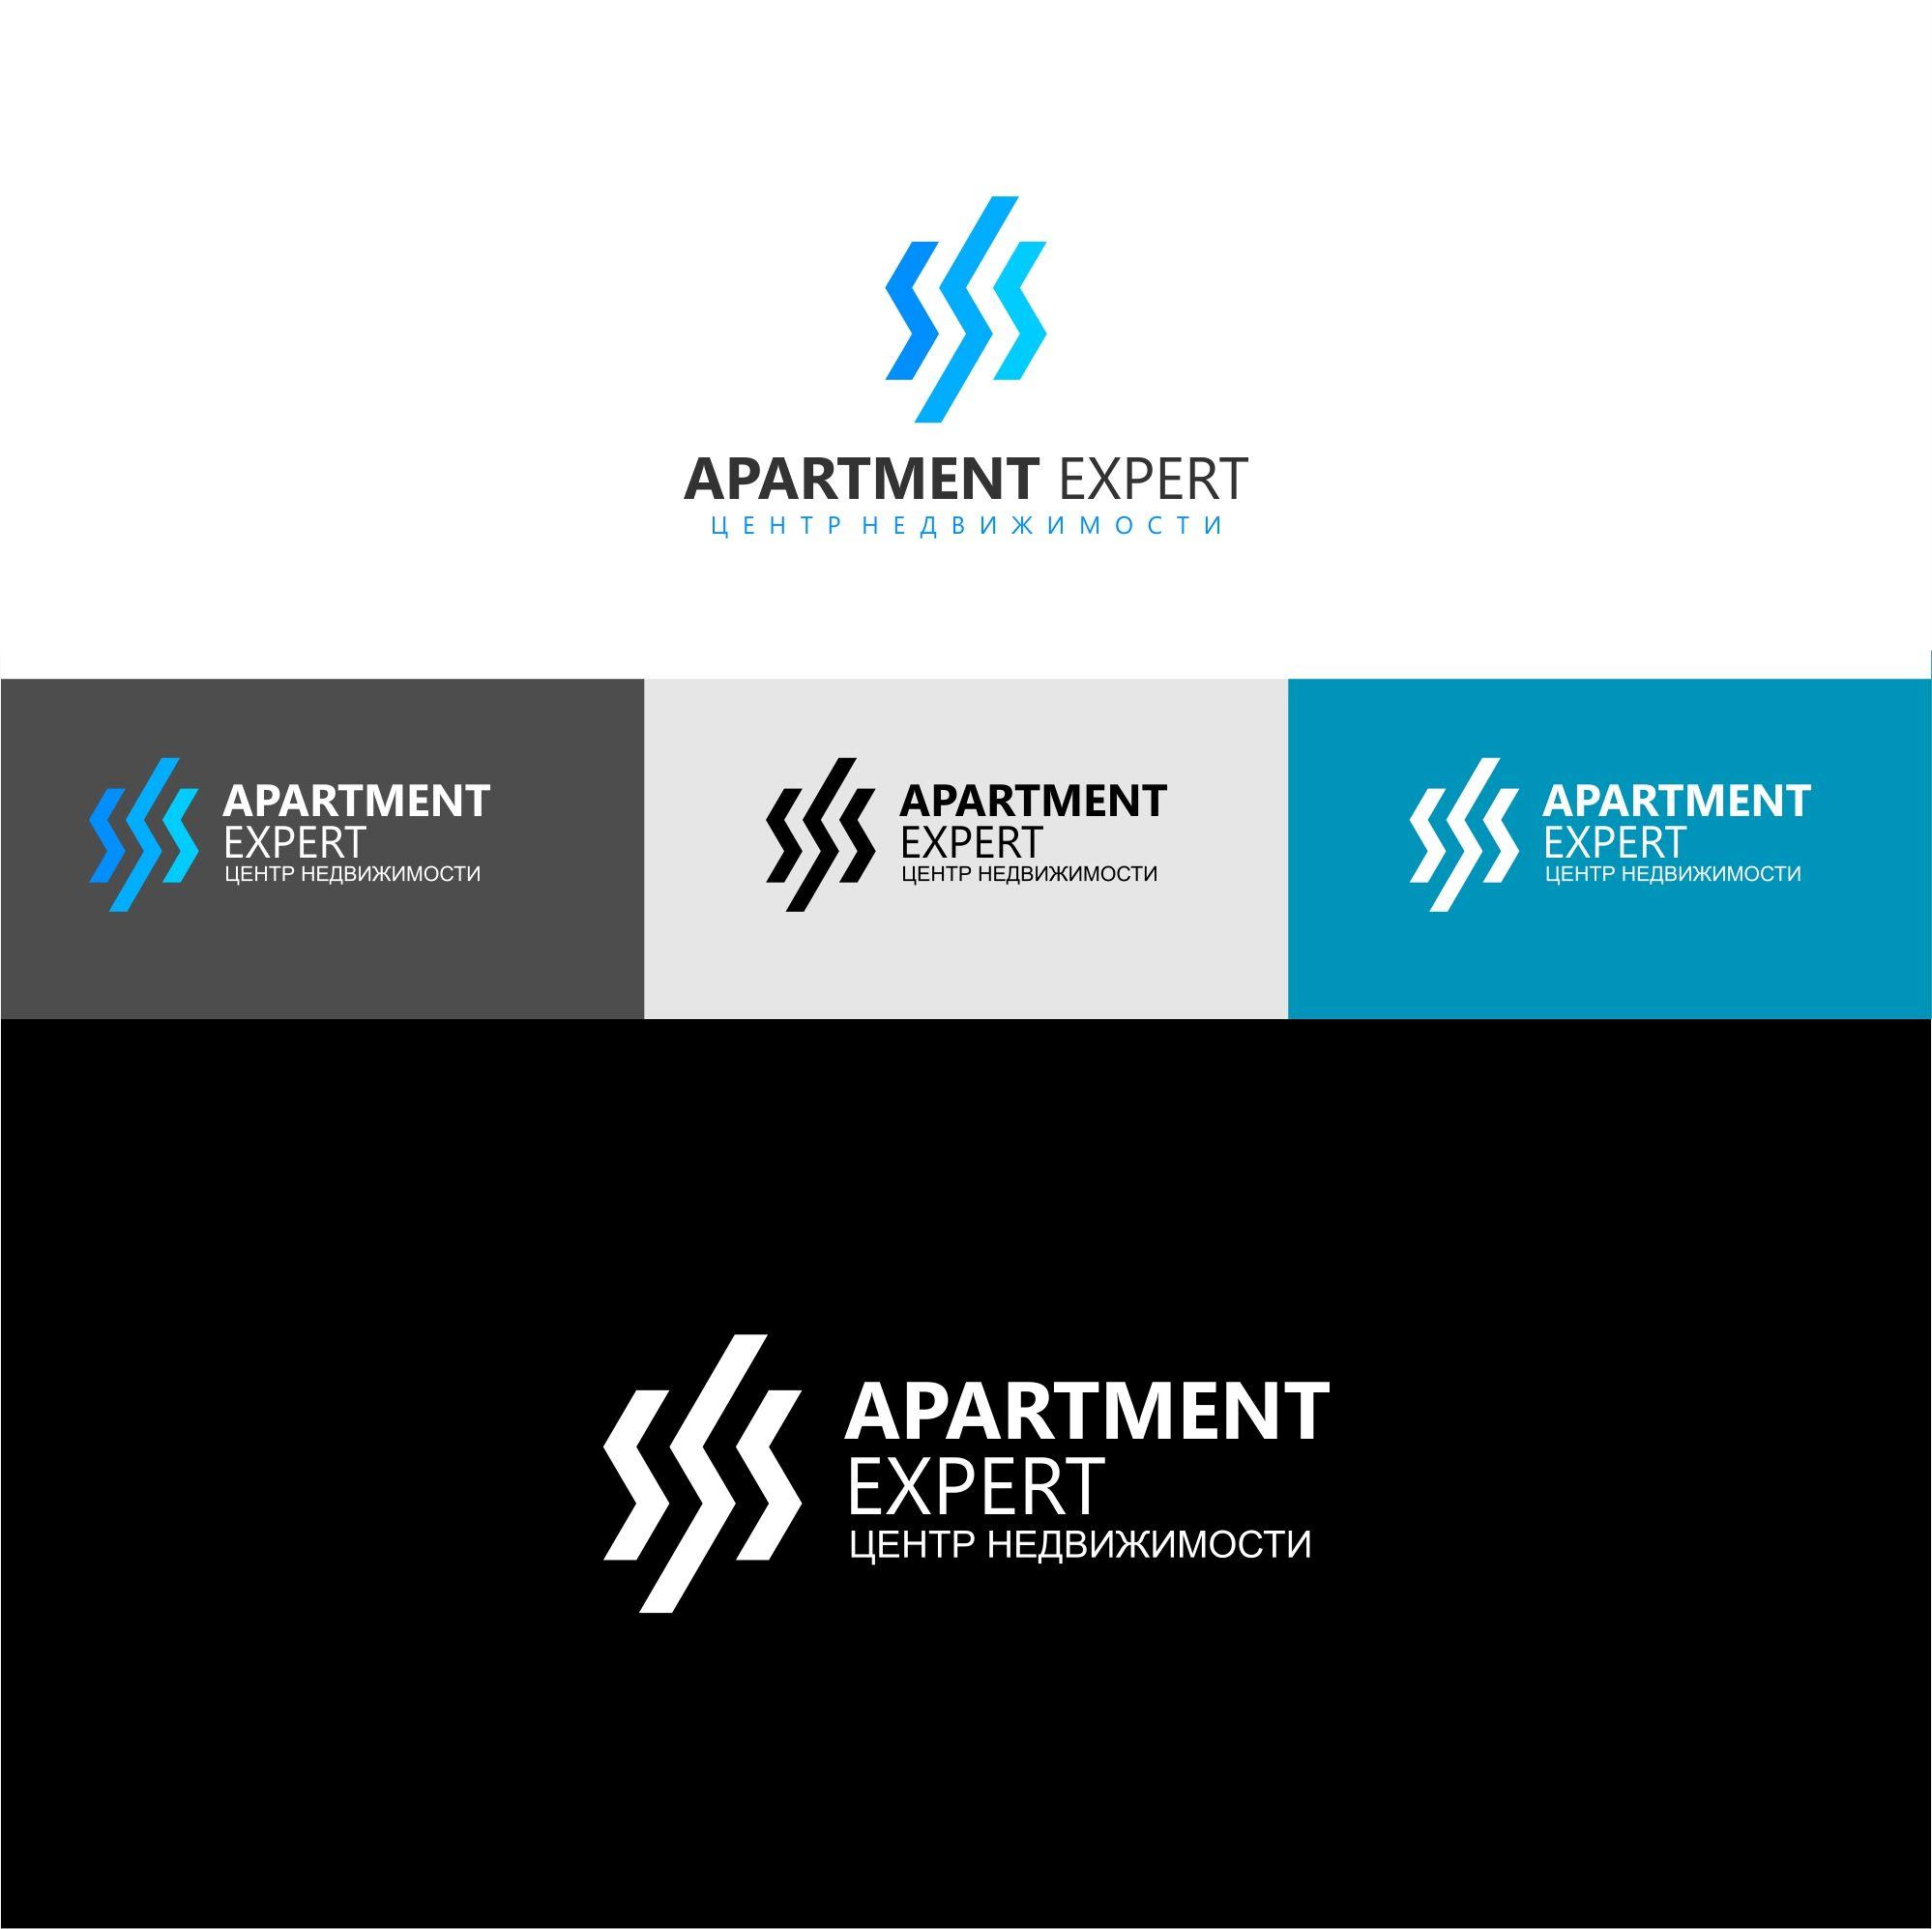 Логотип для APARTMENT EXPERT - ЦЕНТР НЕДВИЖИМОСТИ - дизайнер serz4868